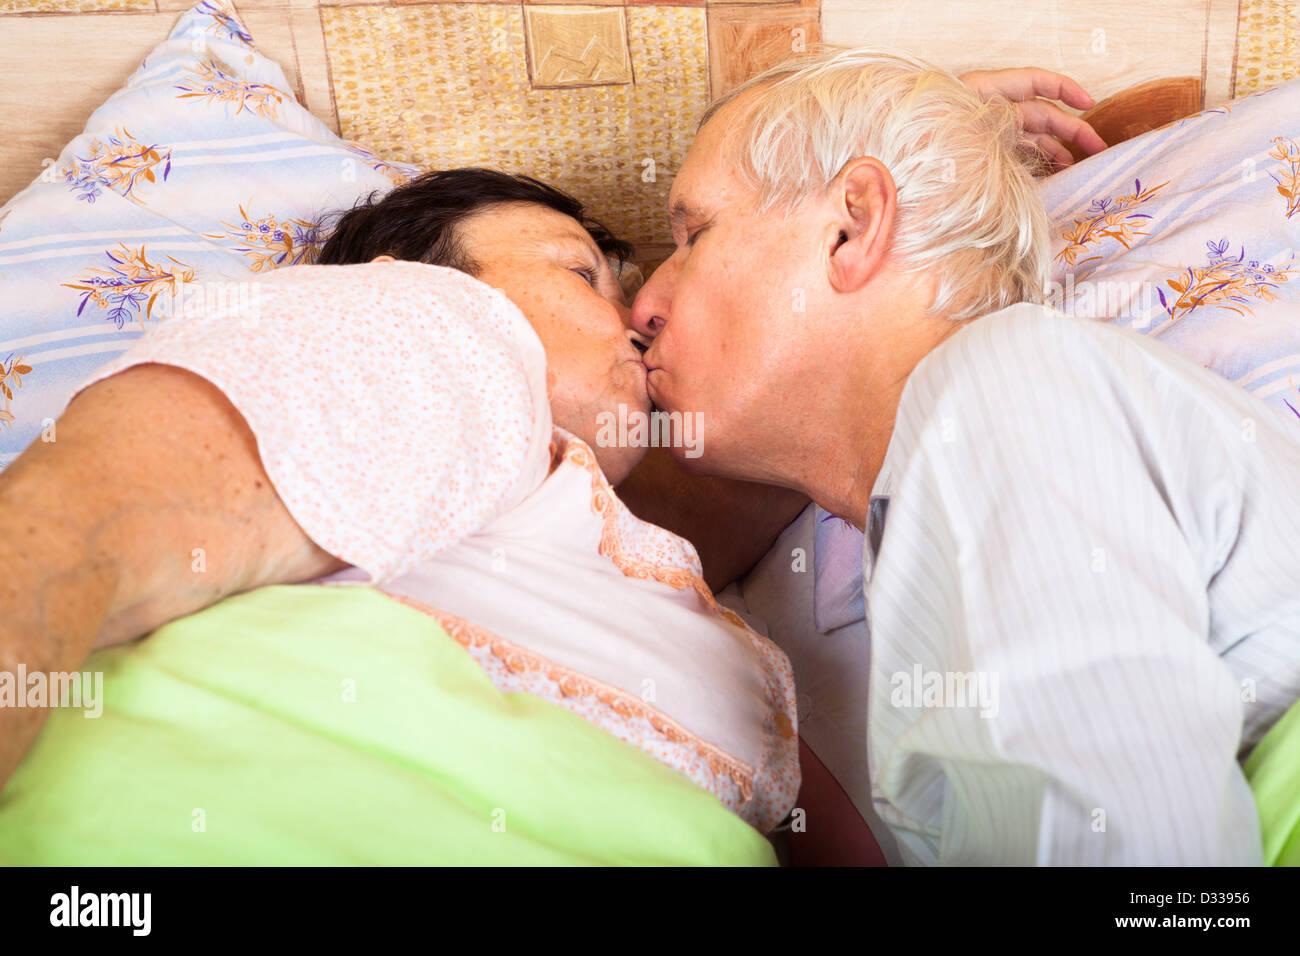 старики целуются и обнимаются в постели